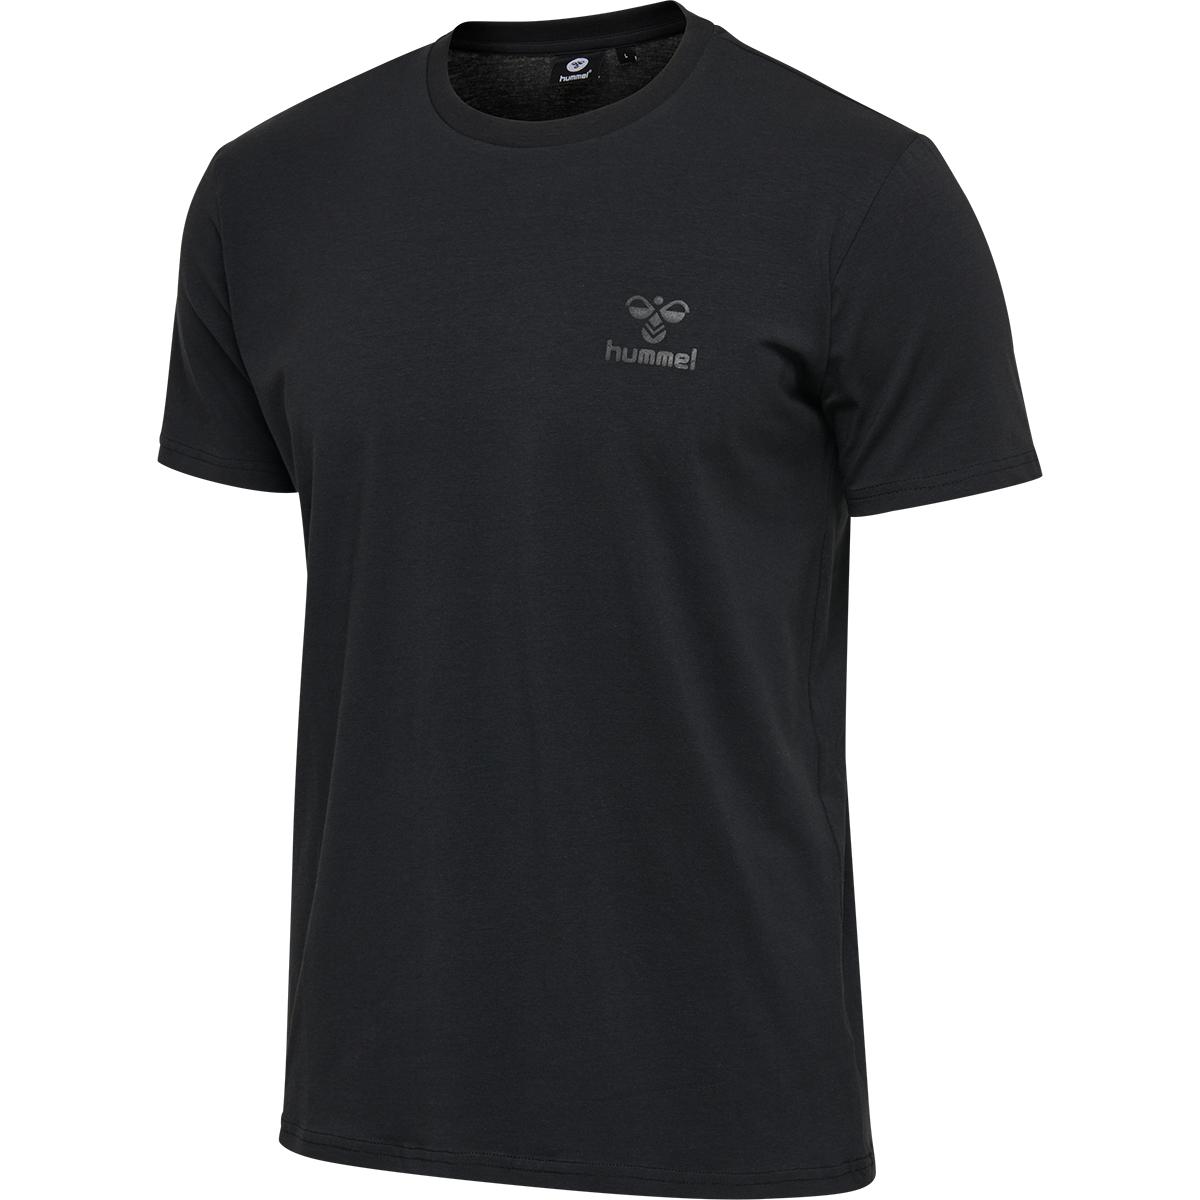 Hummel Sigge t-shirt, sort, medium